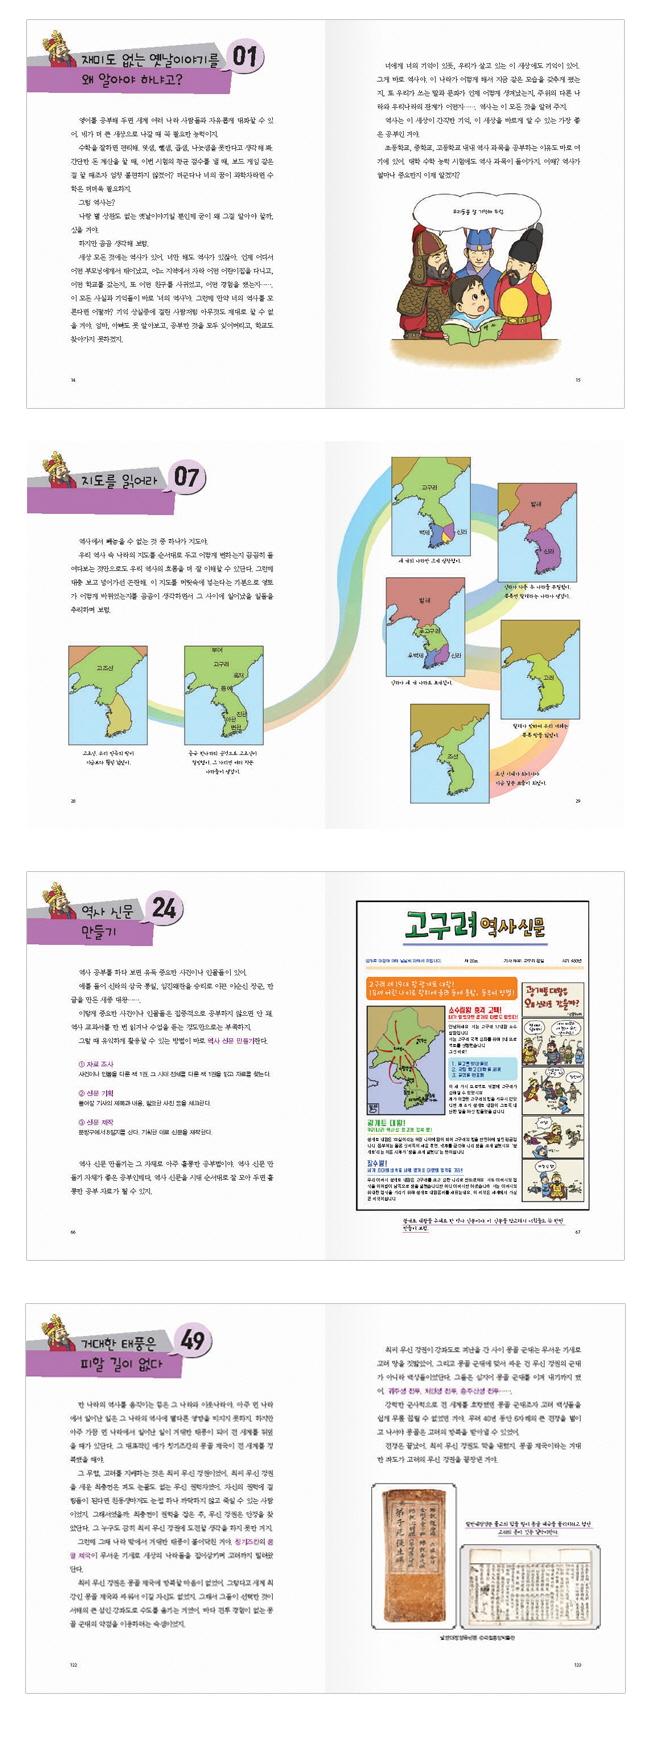 한국사 잘하는 초등학생들의 77가지 비법 도서 상세이미지